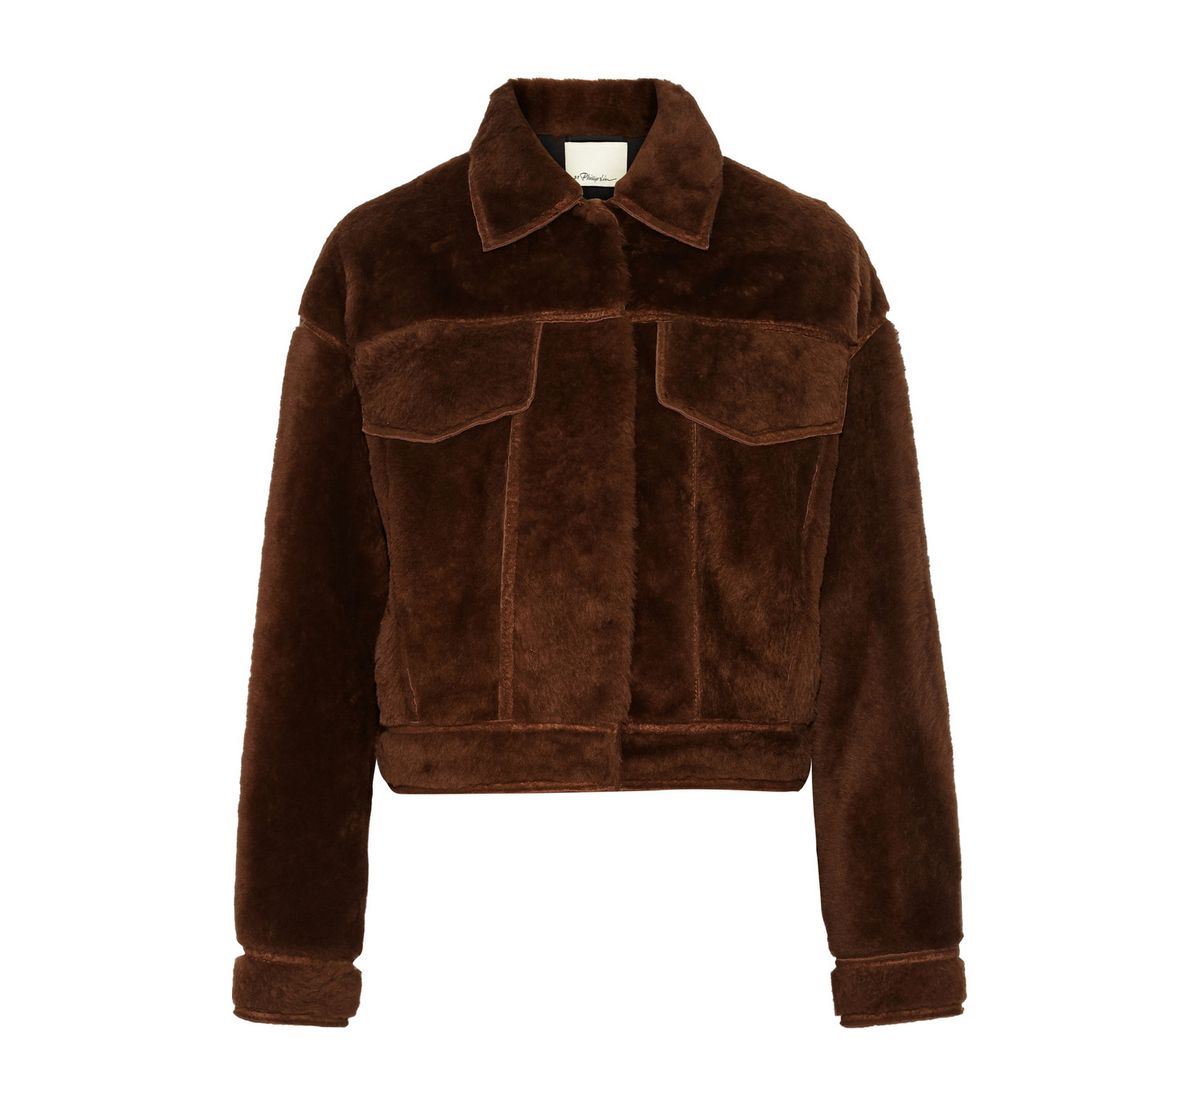 31-phillip-shearling-jacket_2015_11.jpg